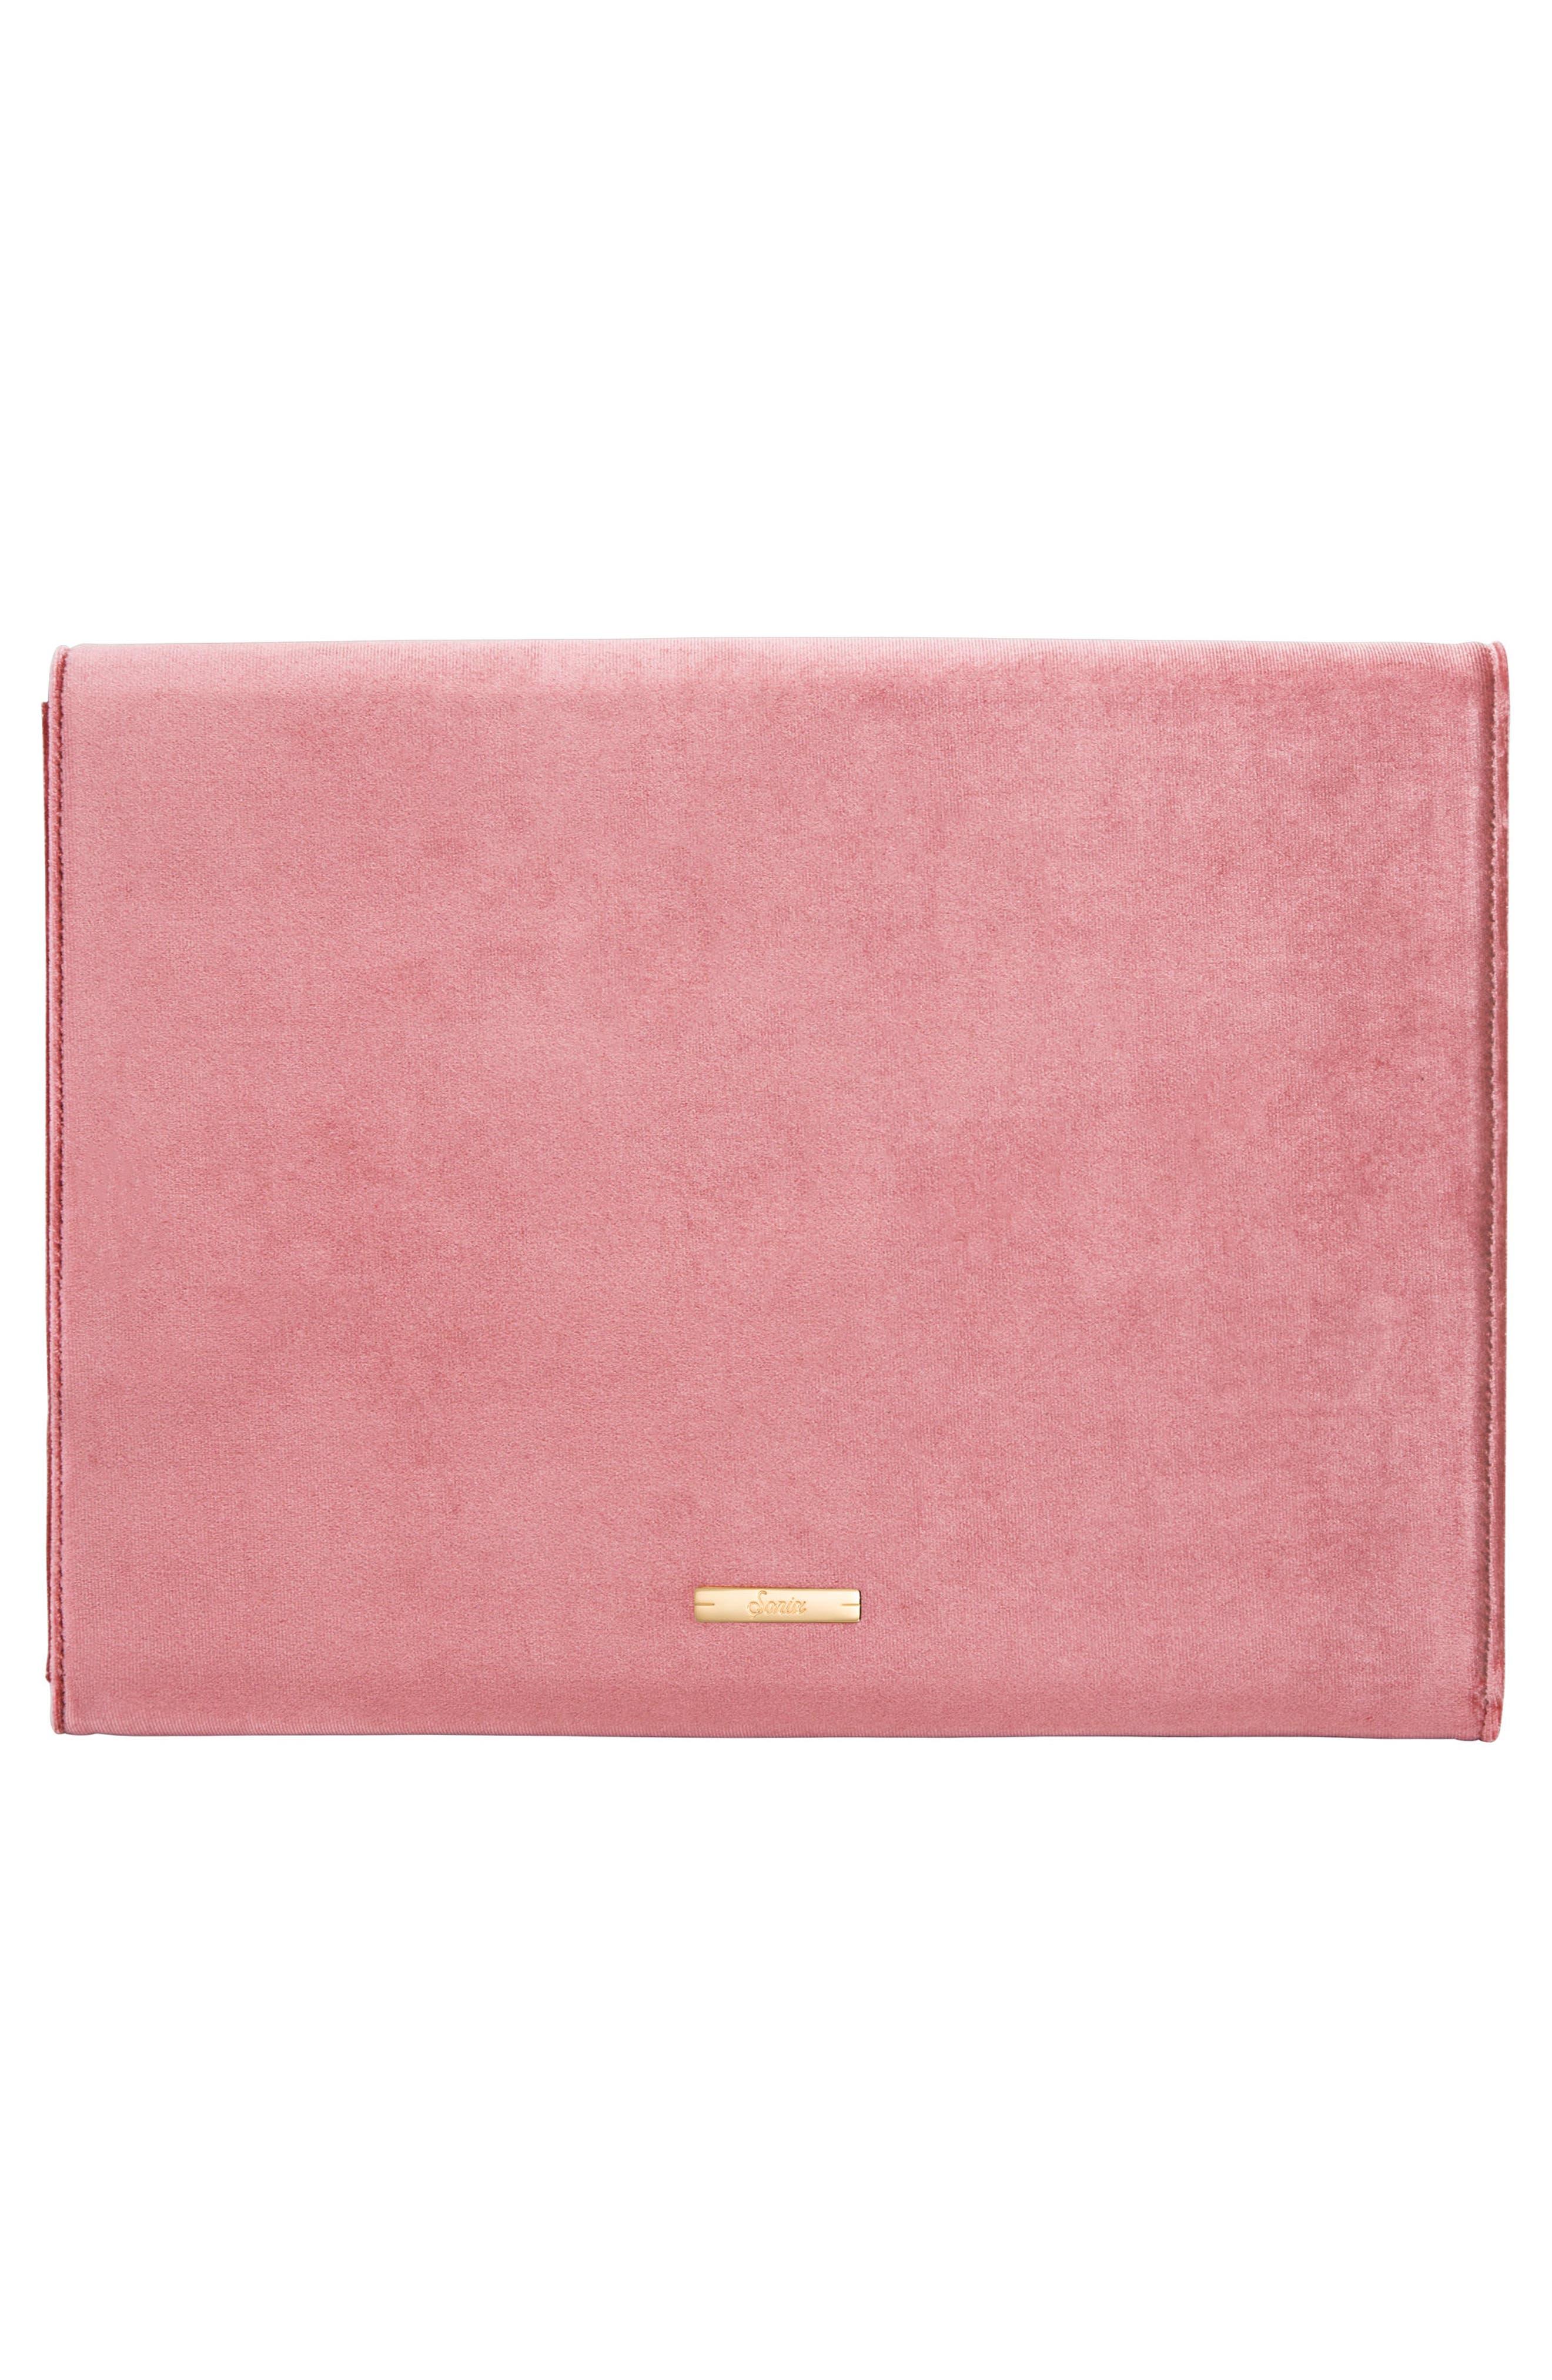 Rose Velvet Laptop Clutch,                             Alternate thumbnail 2, color,                             650